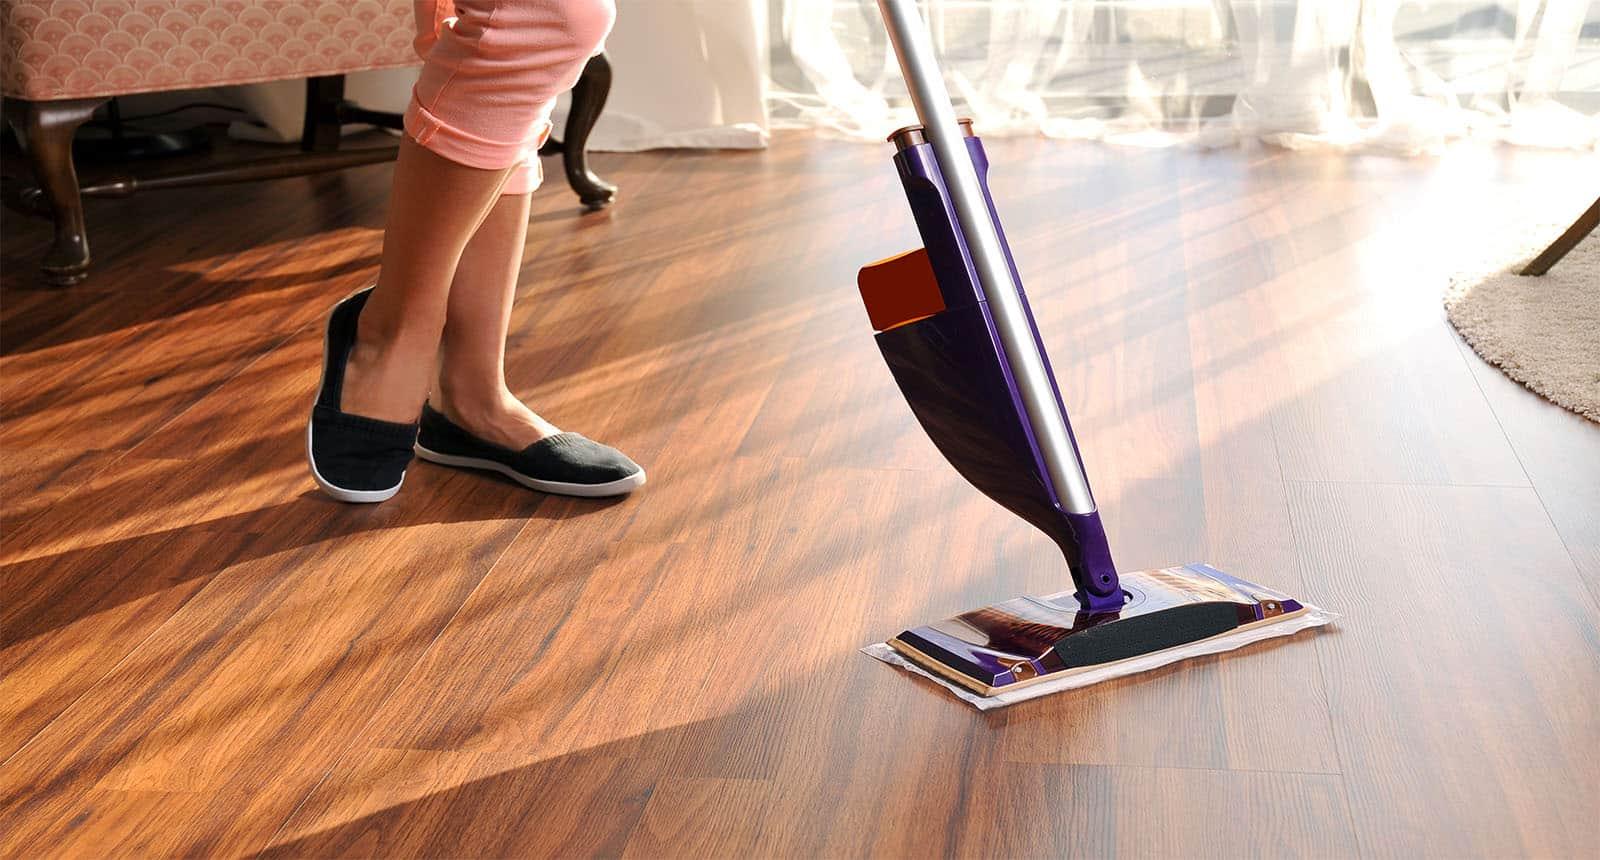 Cleaning Wooden Floor Dust